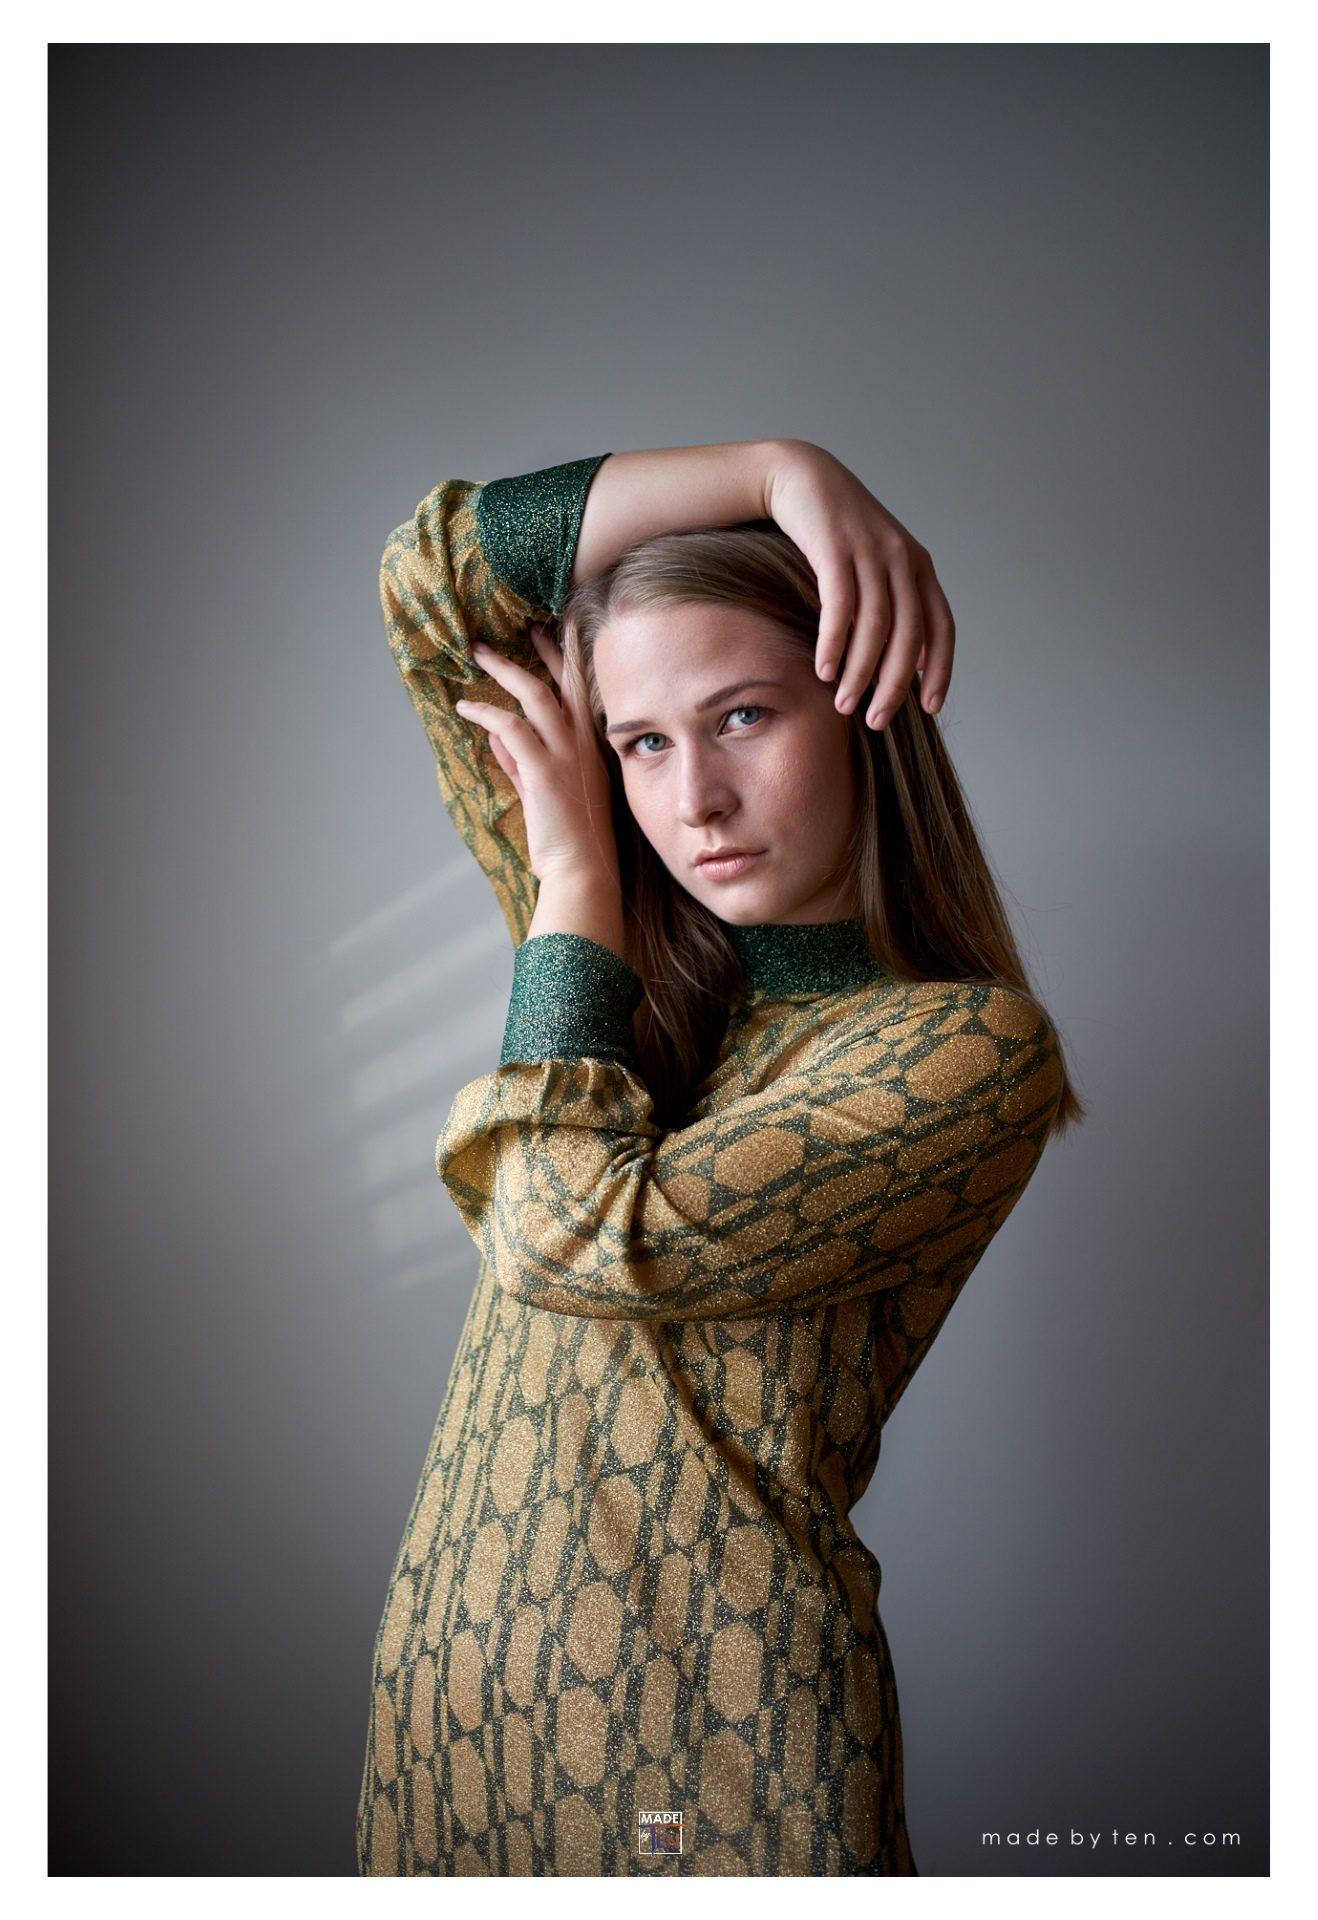 Vogue - GTA Women Art Photography